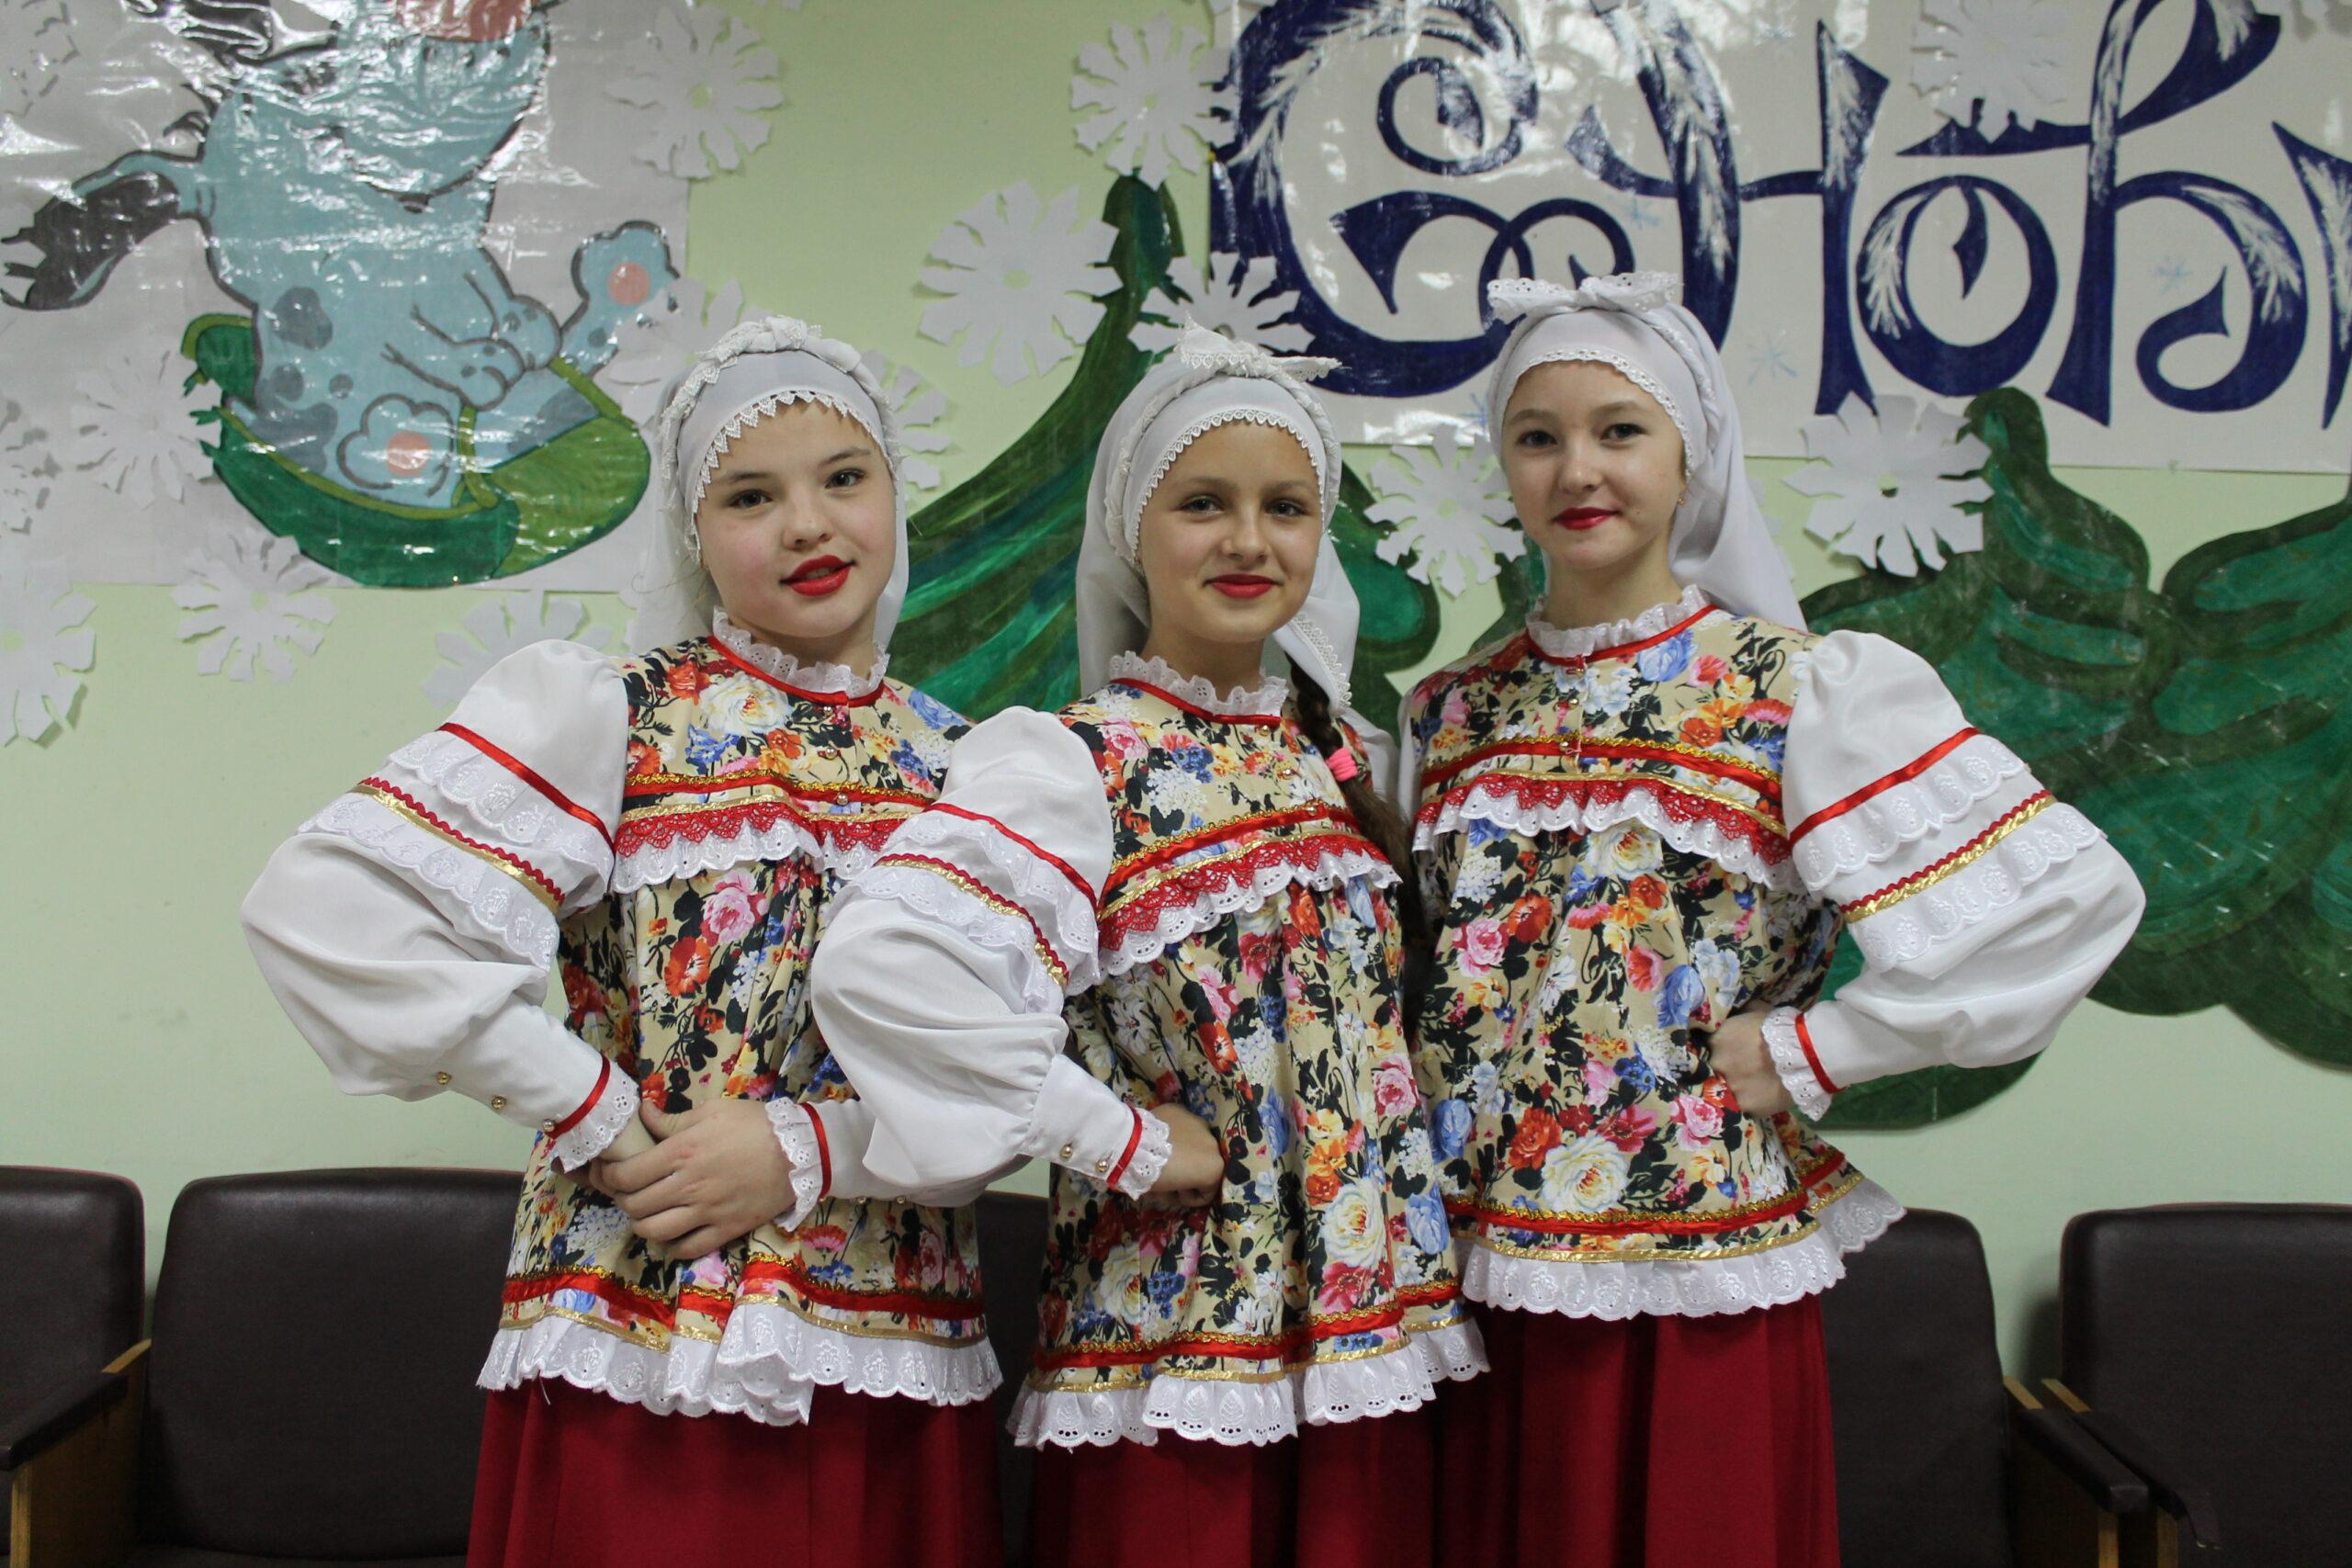 Заслуженные работники культуры супруги Уланские отметили 25-летие своей творческой деятельности на Кубани